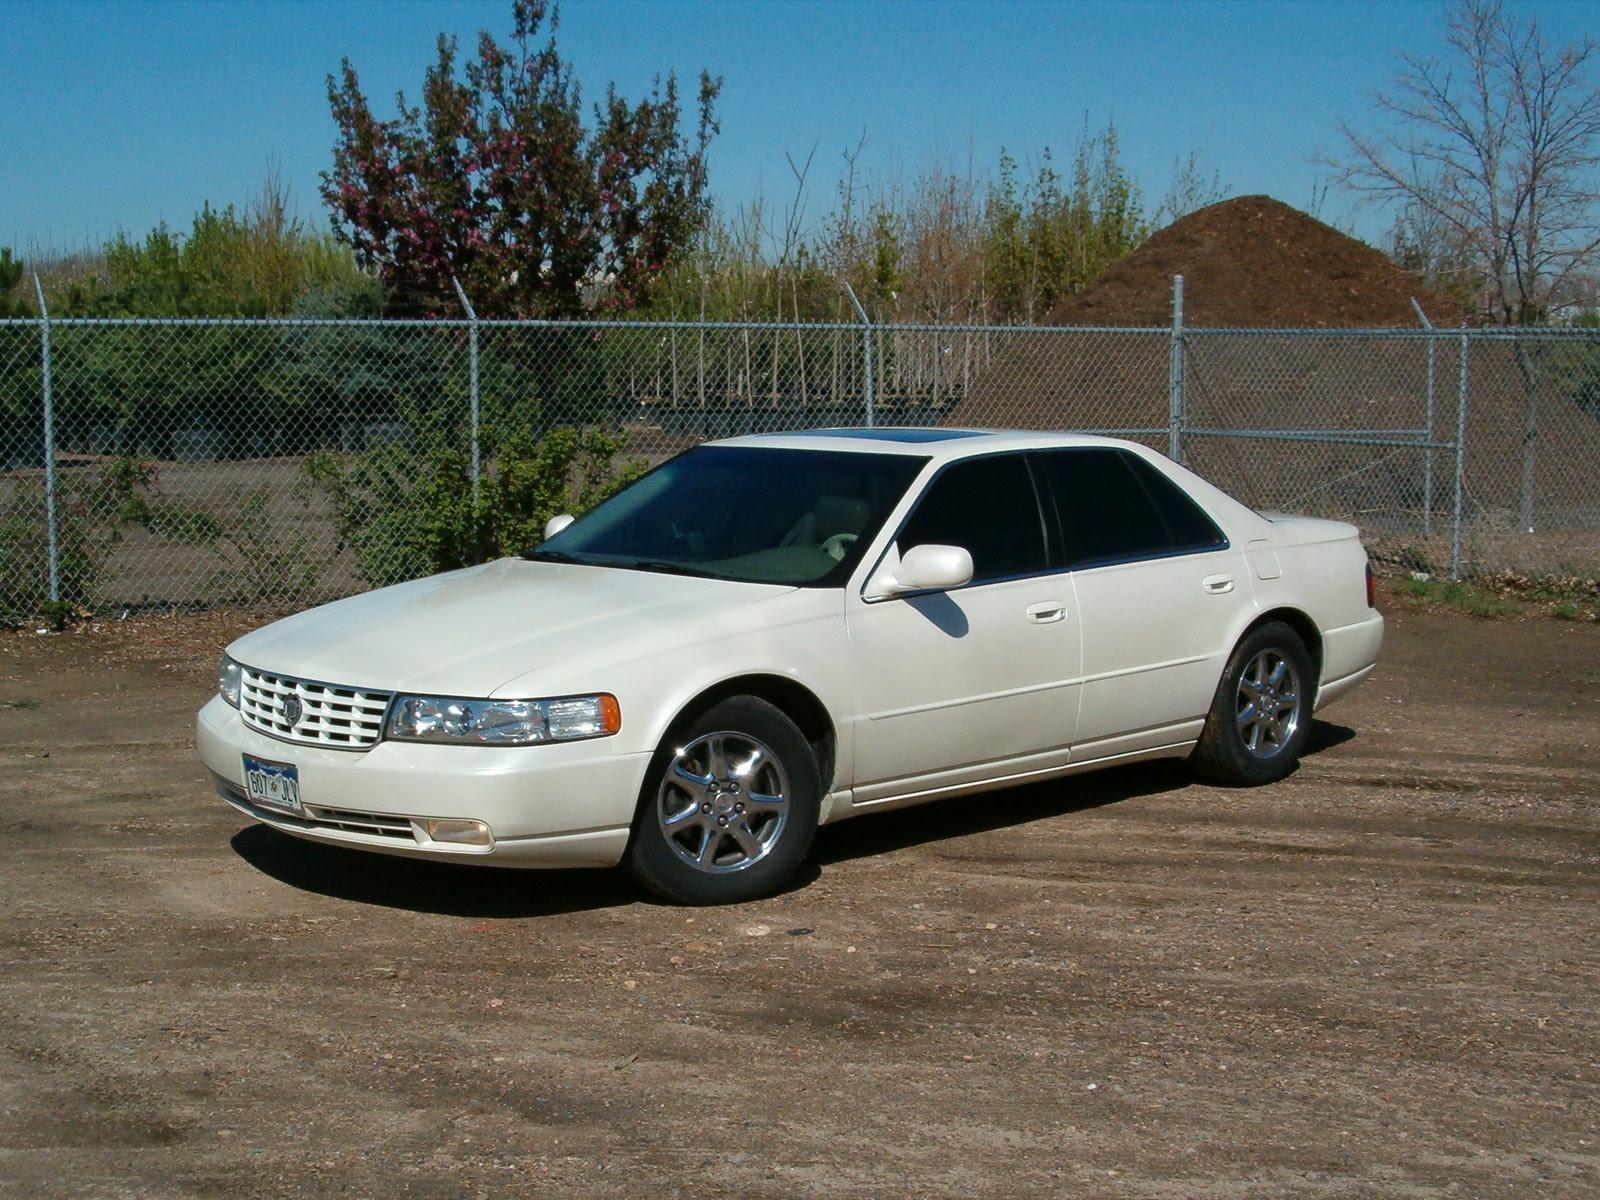 2000 Cadillac Seville - Pictures - CarGurus